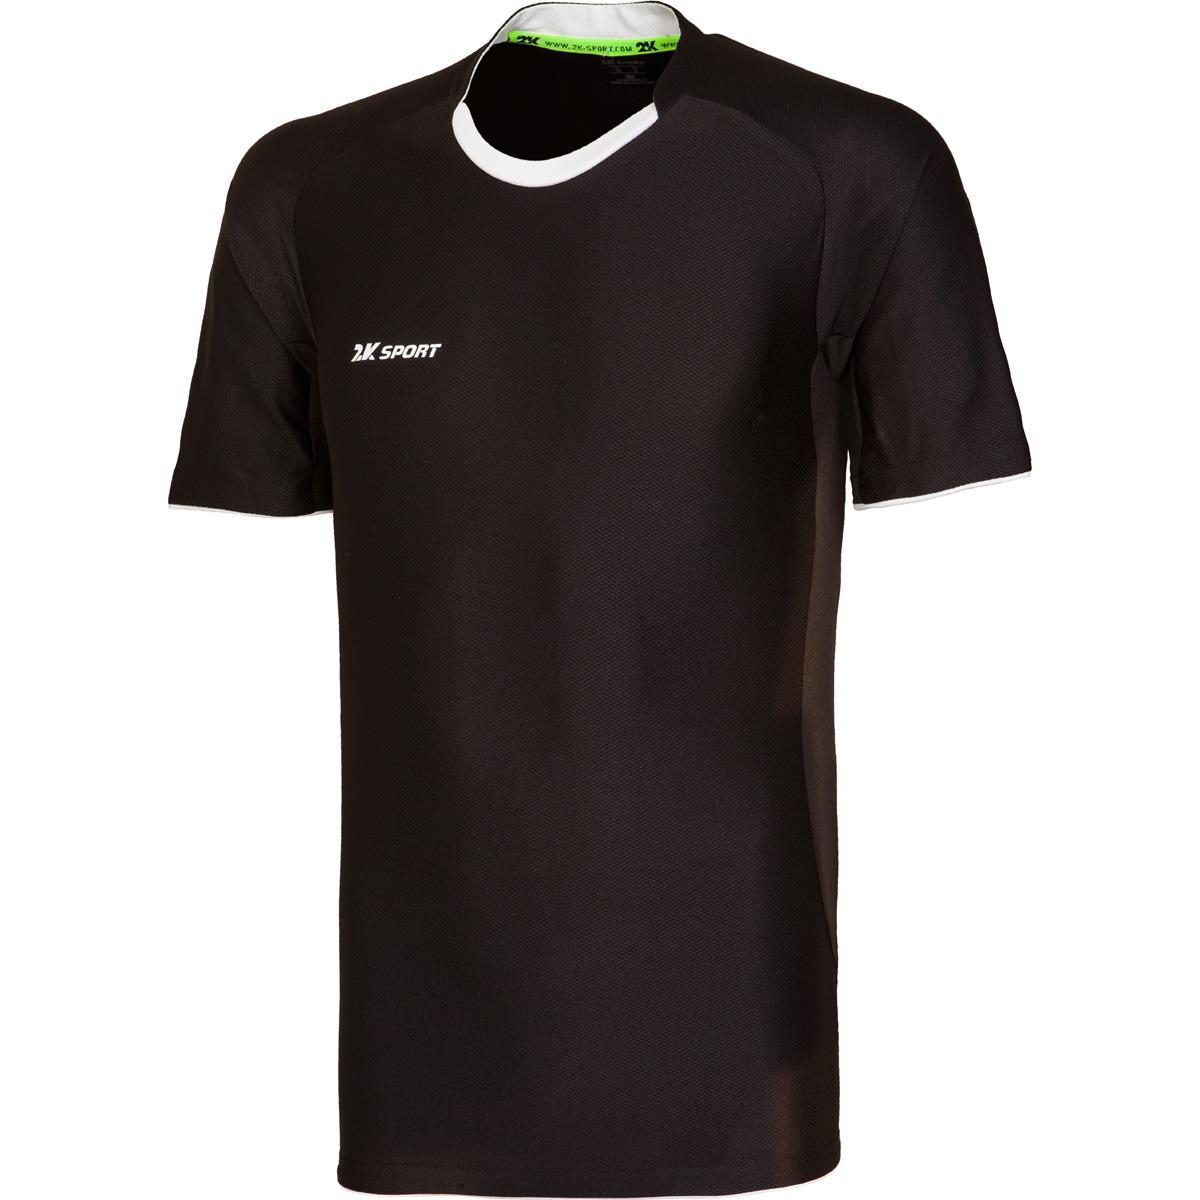 Футболка игровая мужская 2K Sport Champion II, цвет: черный, белый. 120018. Размер XS (44) повязка капитанская 2k sport captain цвет светло зеленый черный